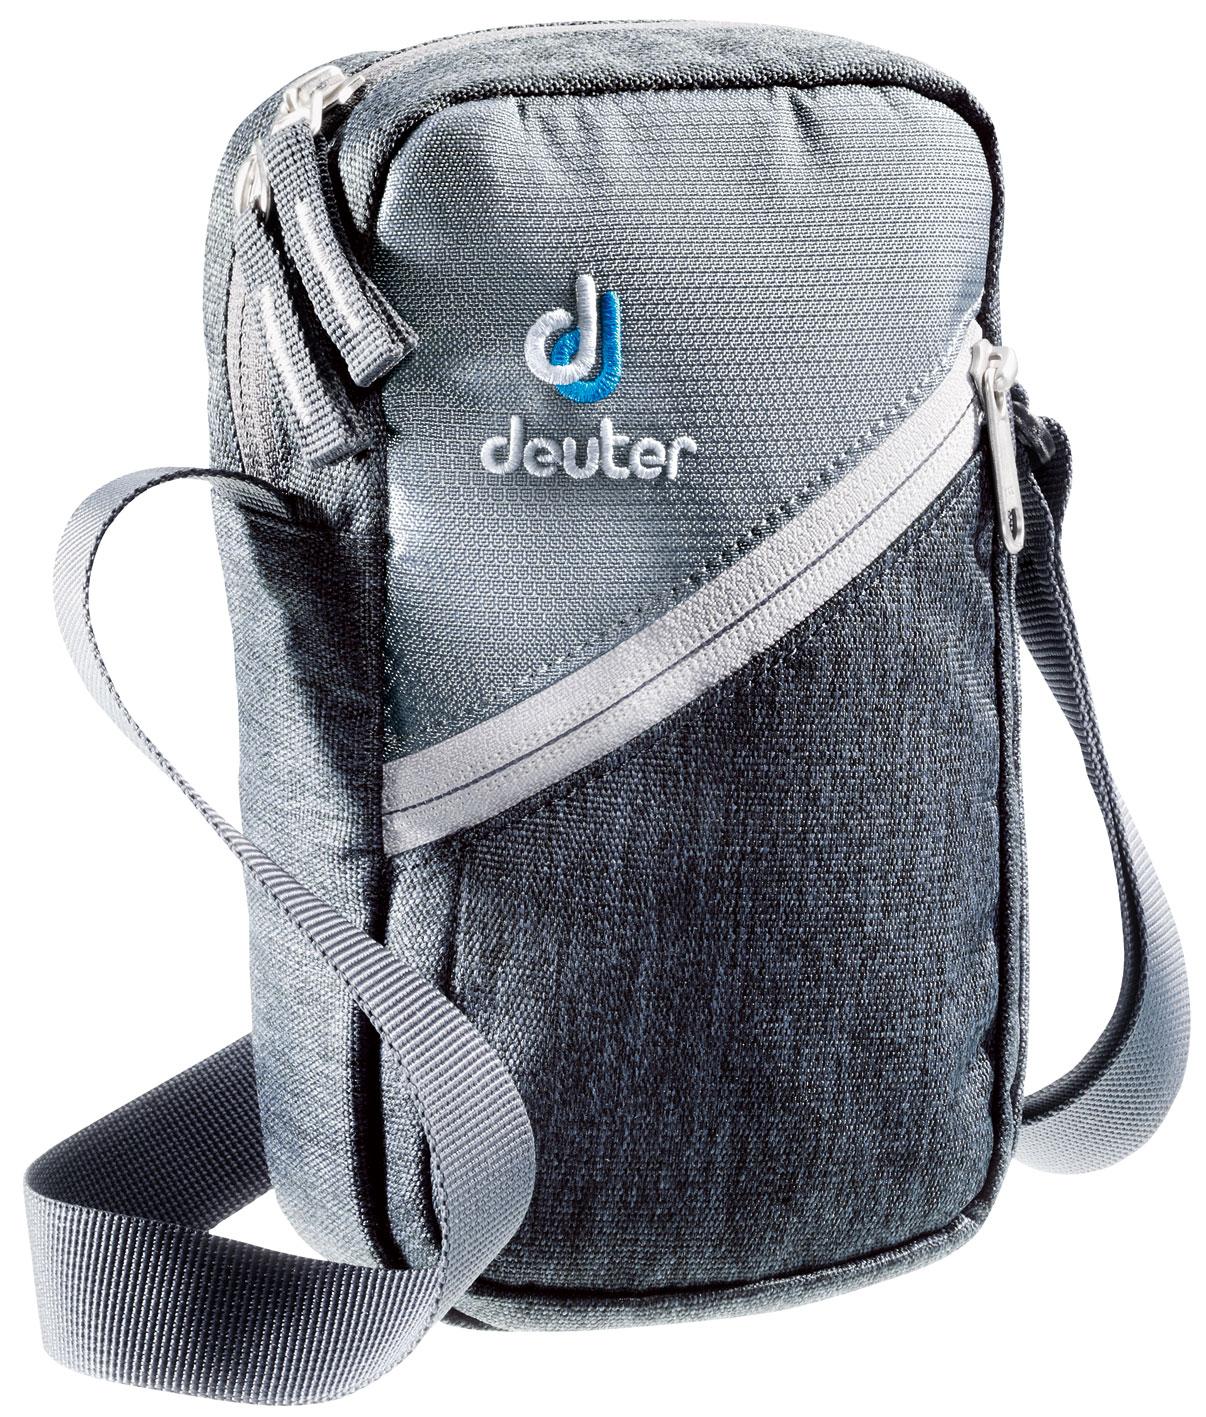 Deuter - Escape I titan-dresscode - Shoulder Bags -